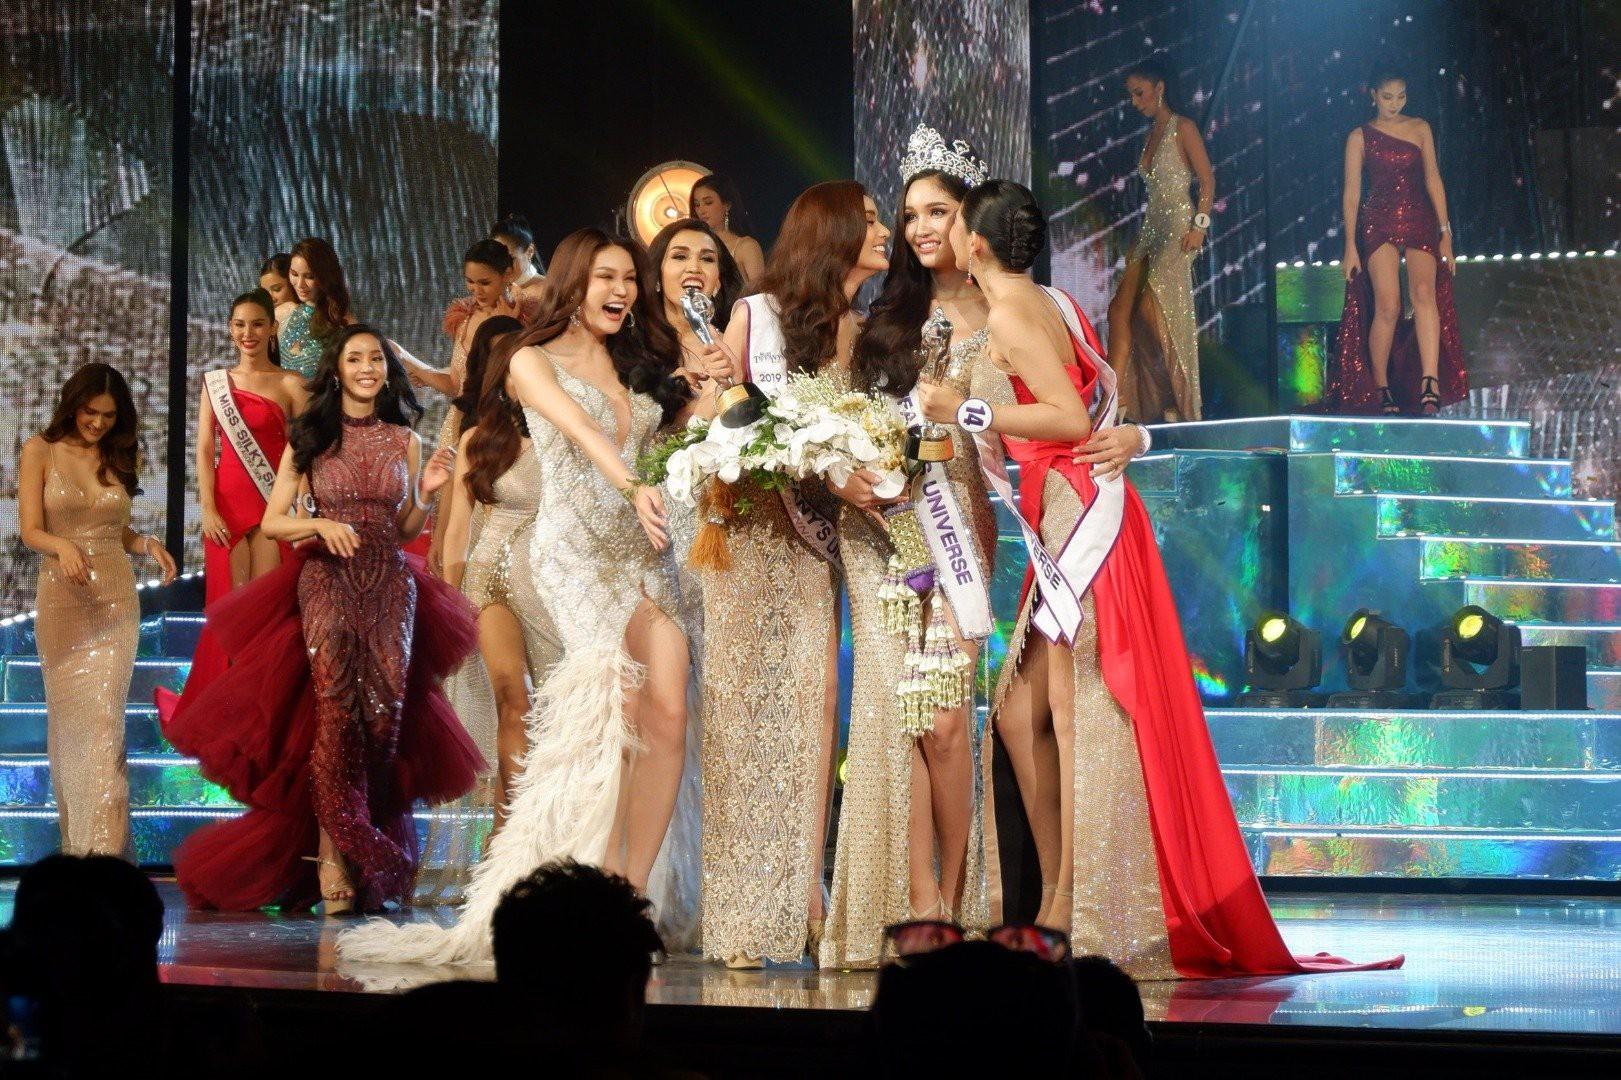 Mỹ nhân vừa đăng quang Hoa hậu Chuyển giới Thái: Cao 1m74, body cực nóng bỏng chẳng kém gì siêu mẫu - Ảnh 7.